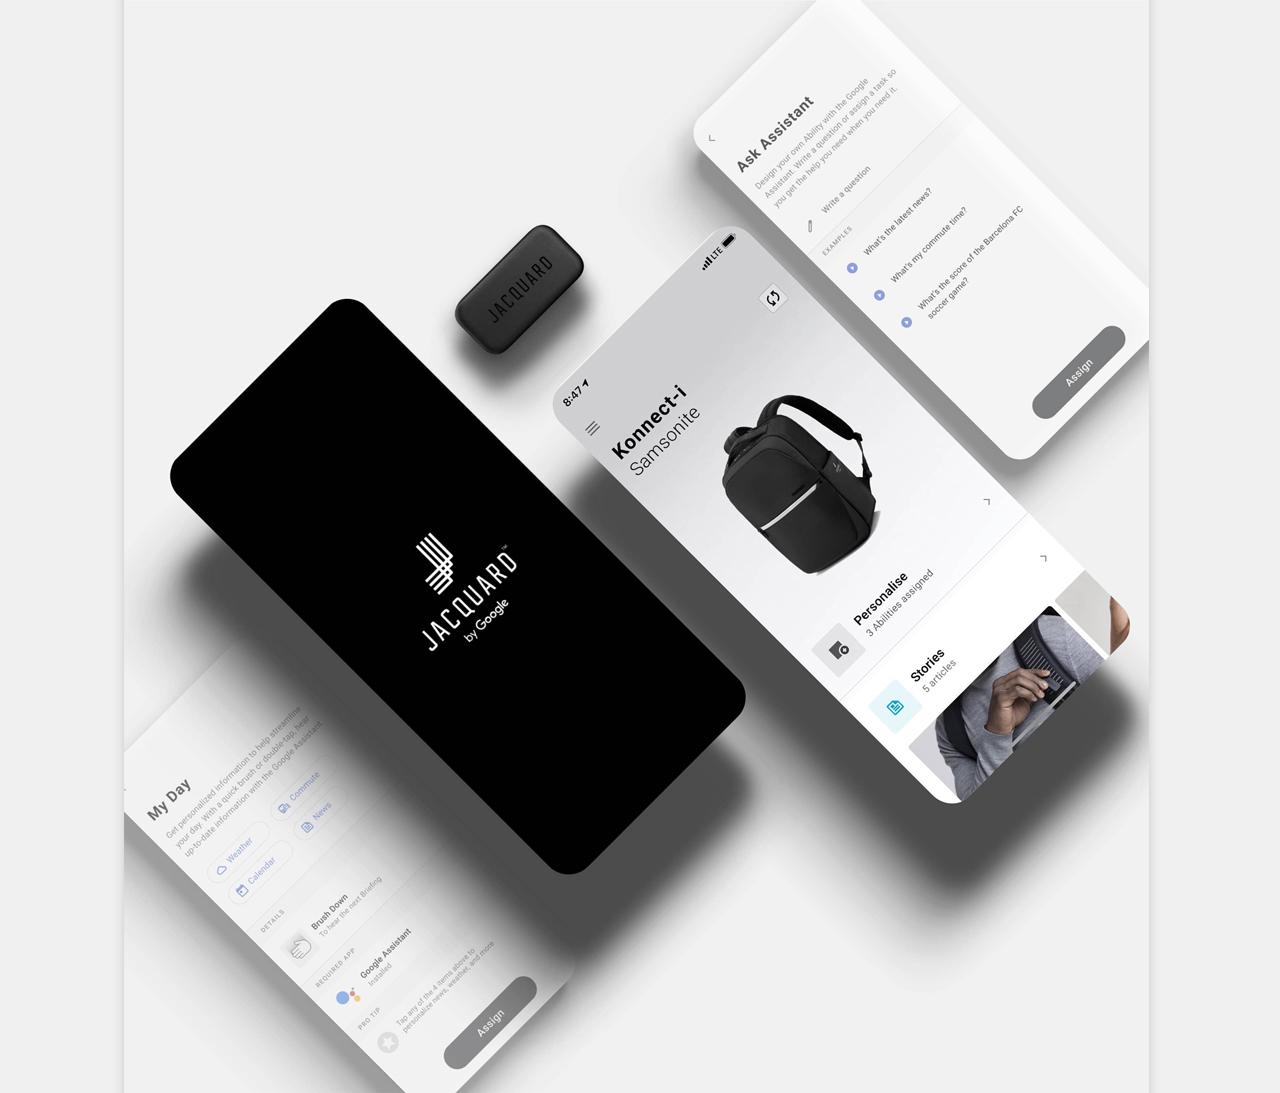 Samsonite Konnect-i Backpack Website